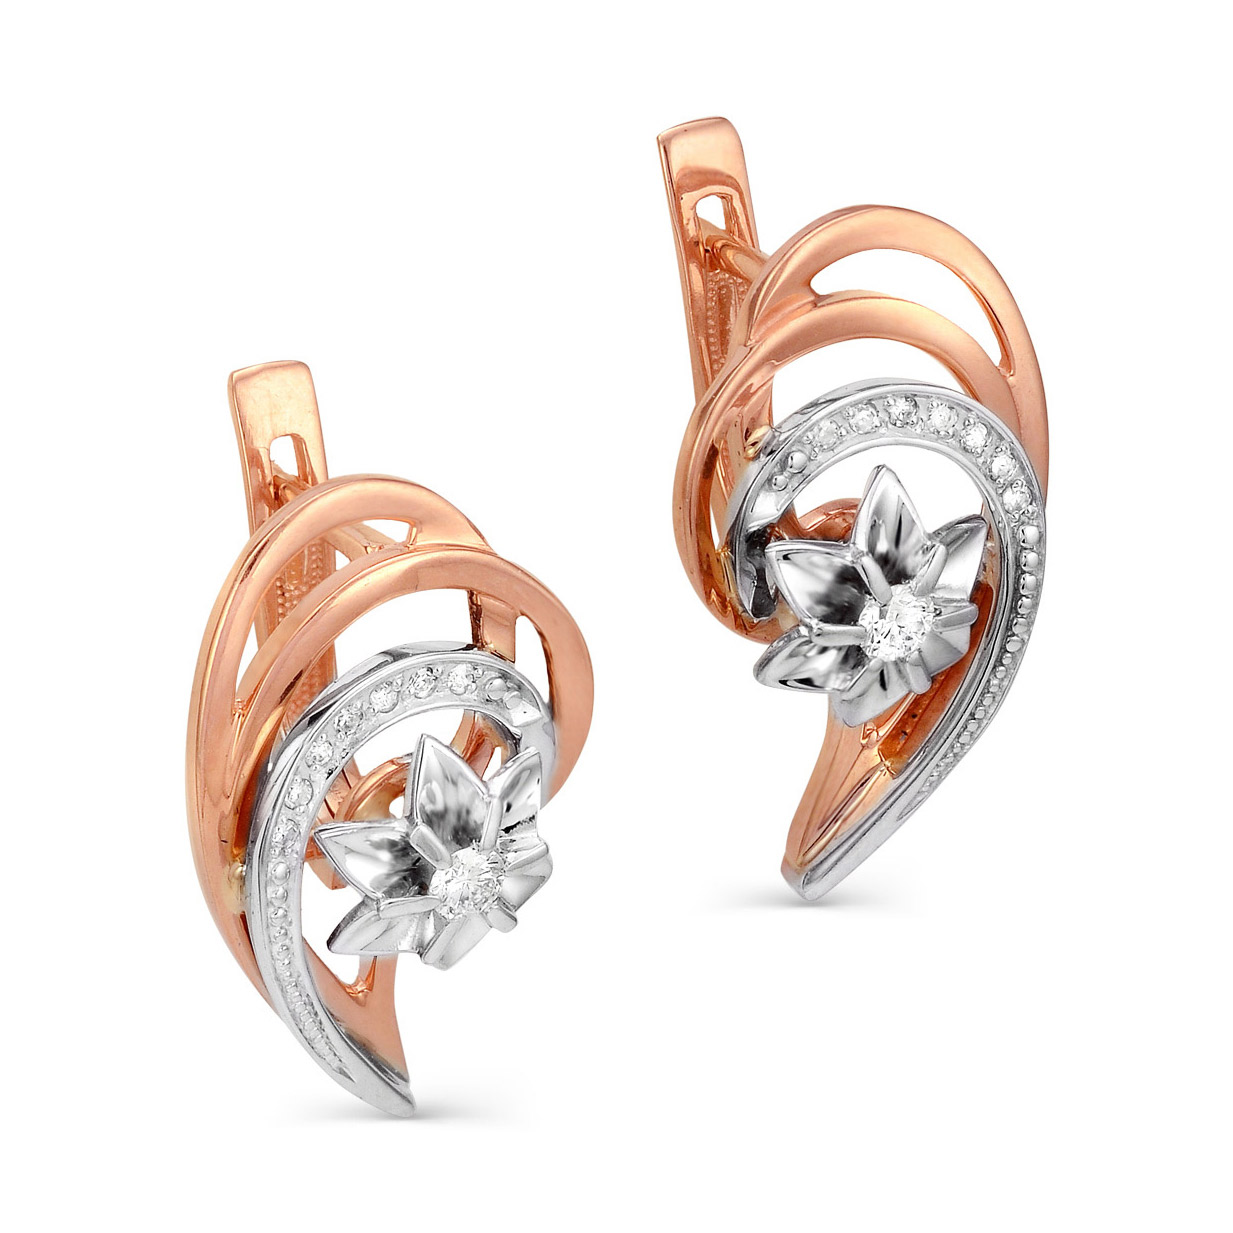 Золотые серьги с бриллиантом арт. 12-0337-1000 12-0337-1000